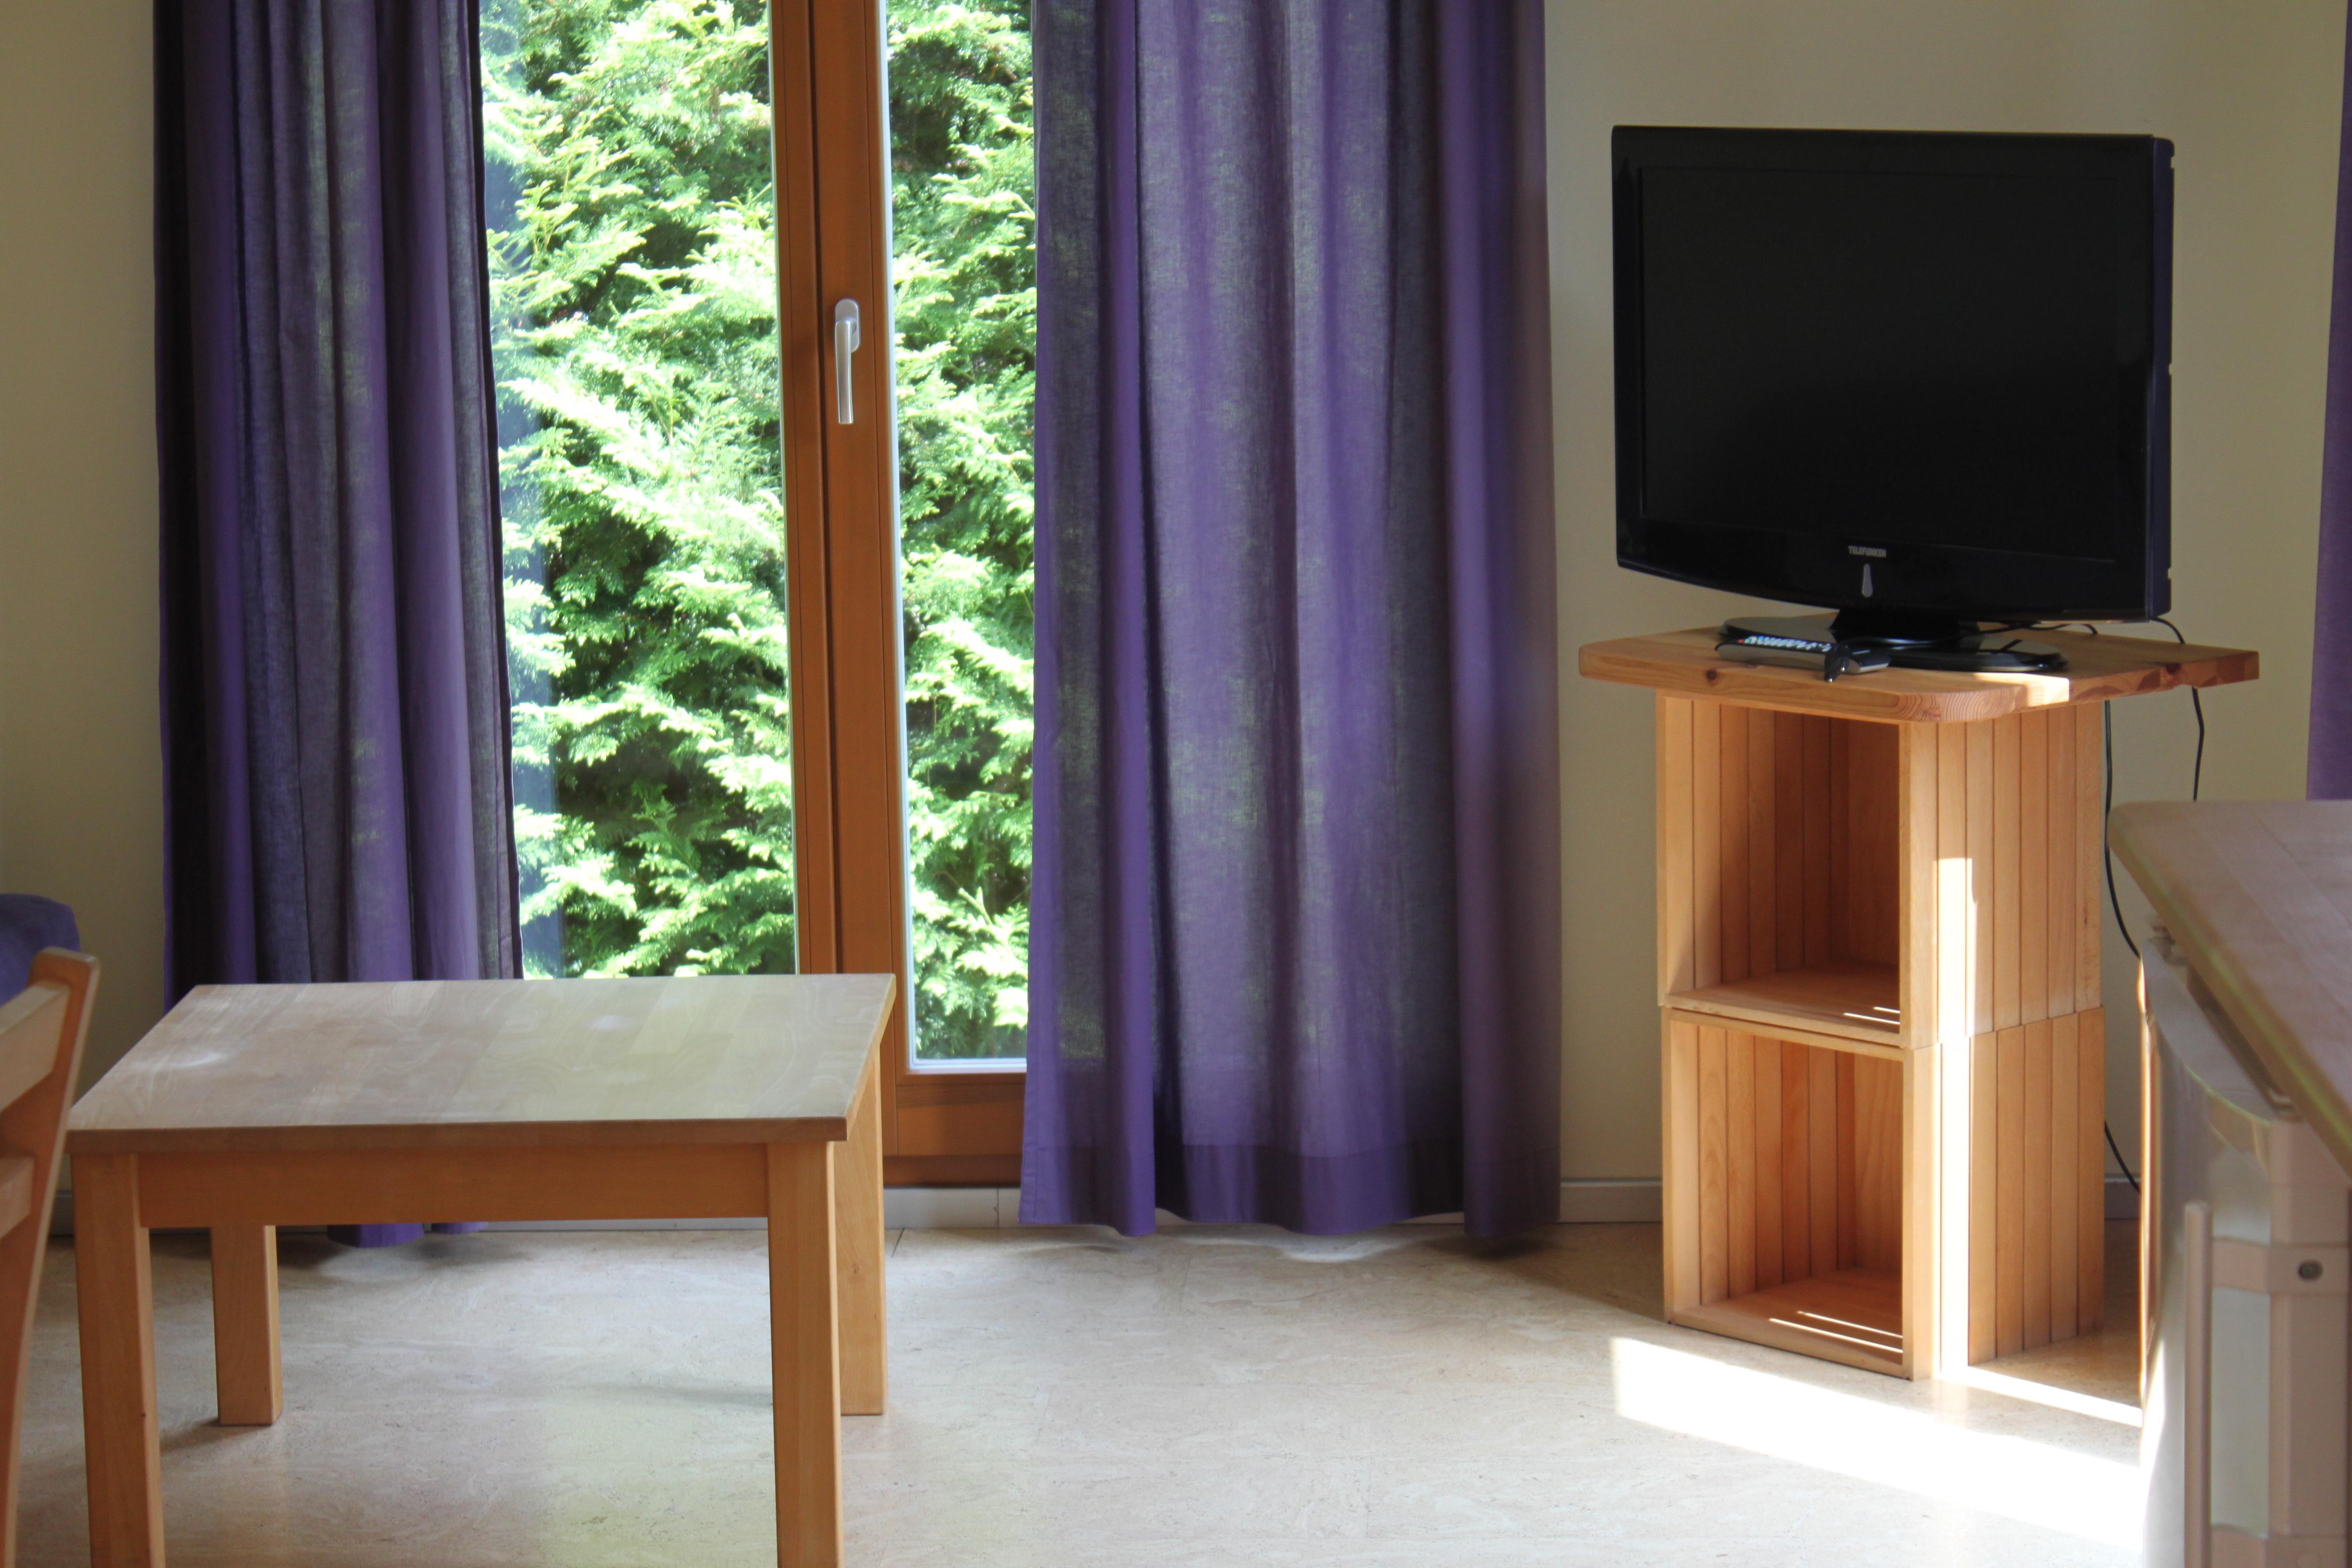 mobilheim uelsen kaufen gebrauchte mobilheime bei. Black Bedroom Furniture Sets. Home Design Ideas